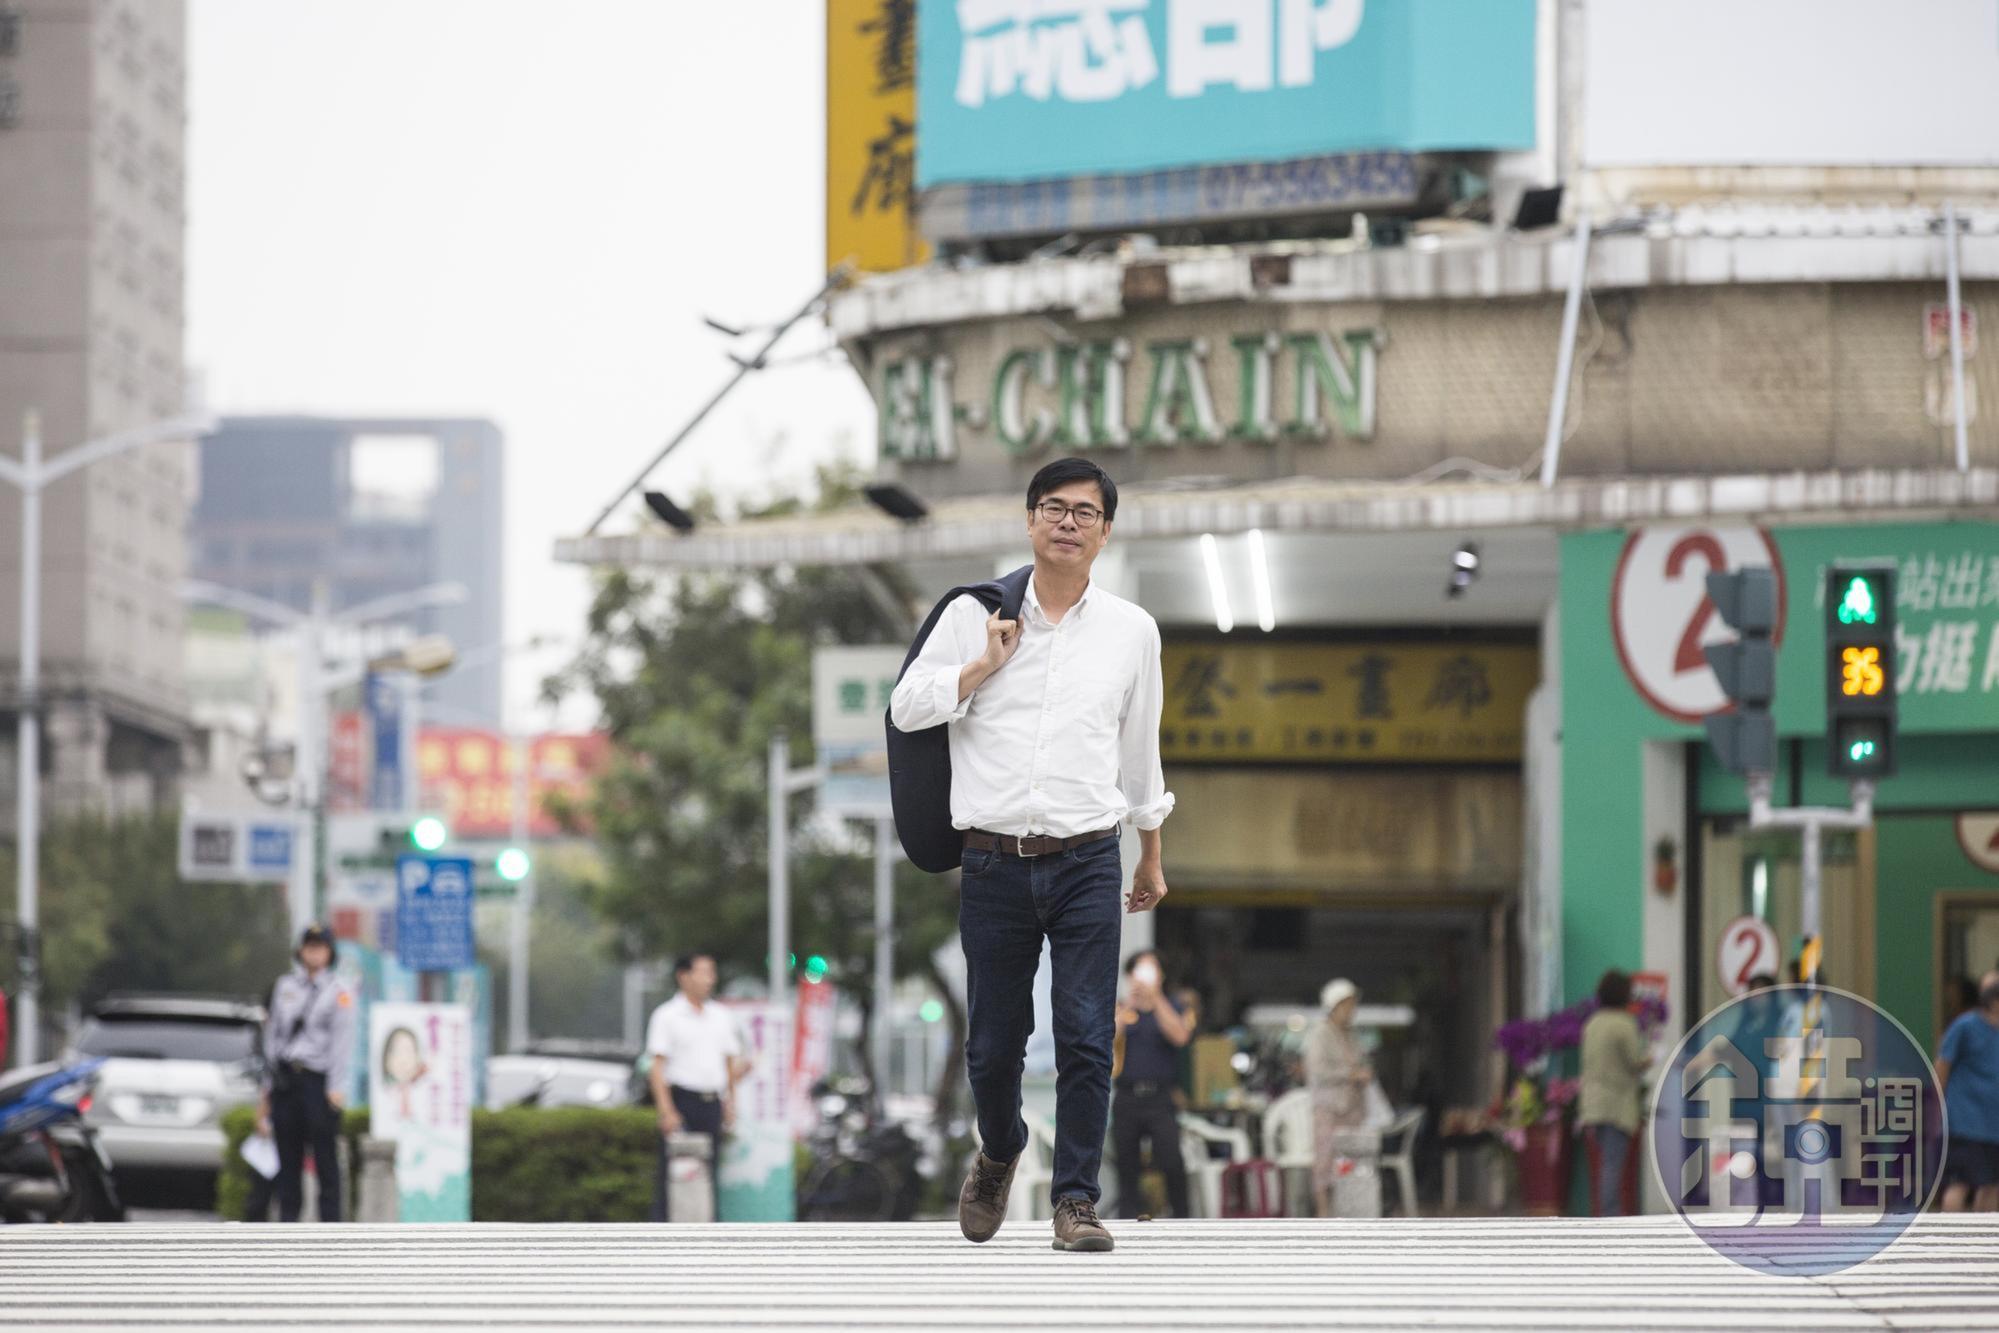 選舉前,陳其邁接受本刊訪問,應攝影要求散散步,他已許久不曾輕鬆地走在高雄街頭。